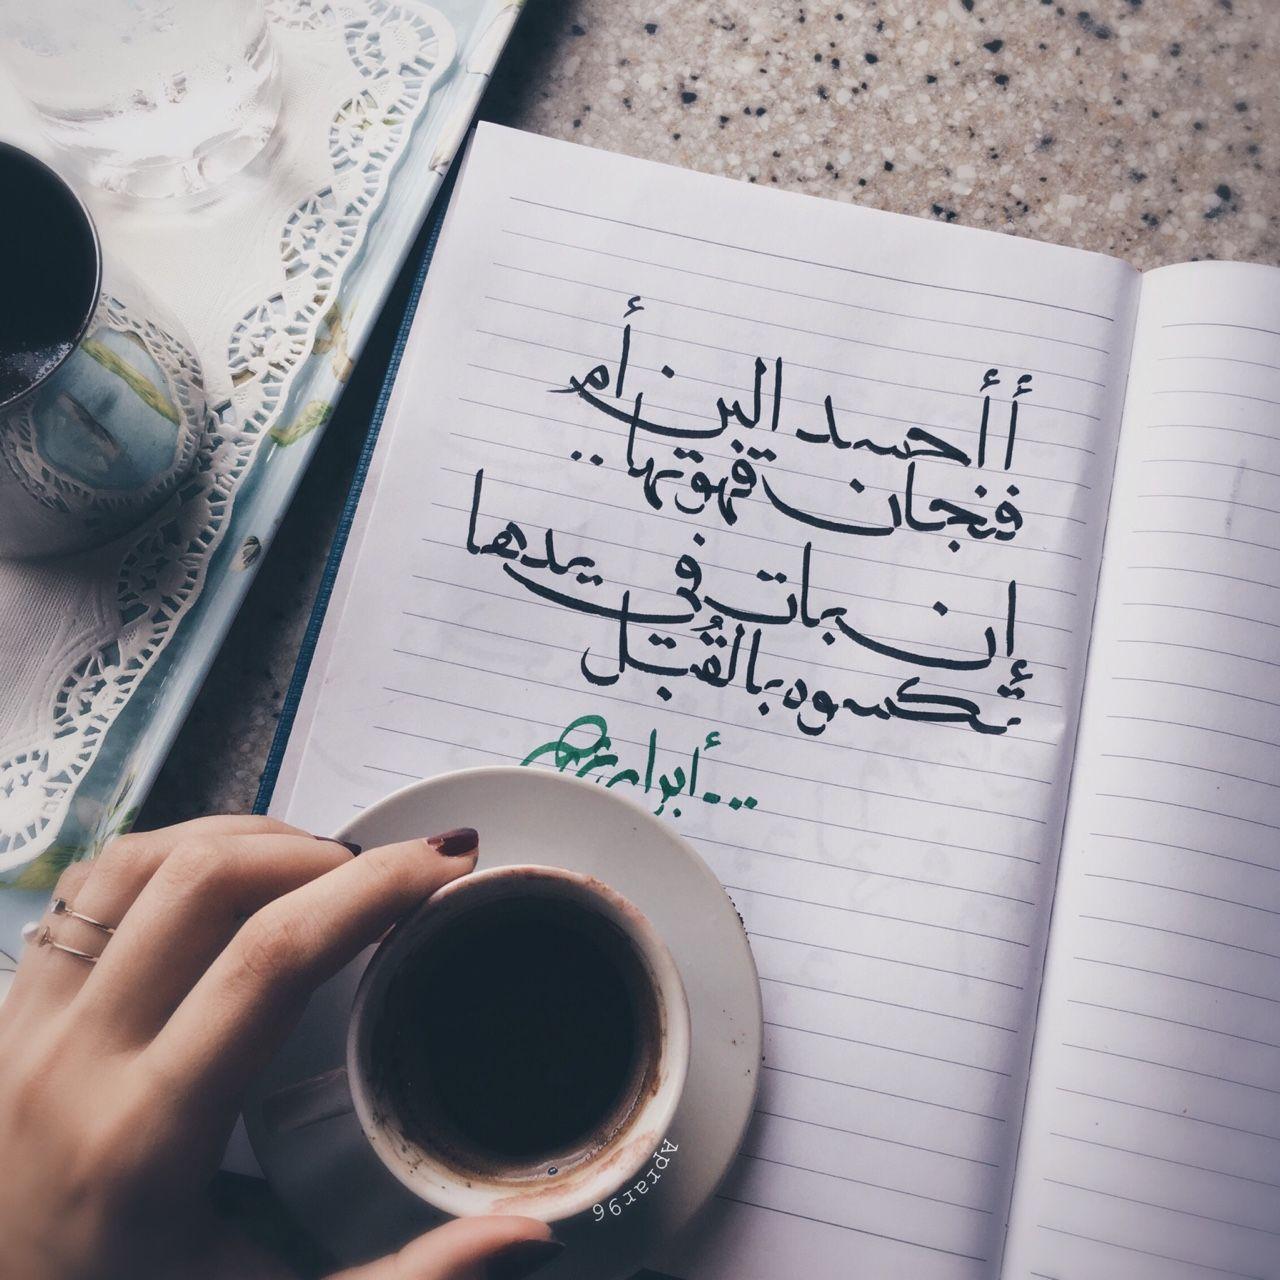 محمود درويش يقول في القهوة خ ذ القهوة إلى الممر الضيق صب ها بحنان وافتنان في فنجان أبيض فالفناجين داكنة اللون My Coffee Glassware My Favorite Things